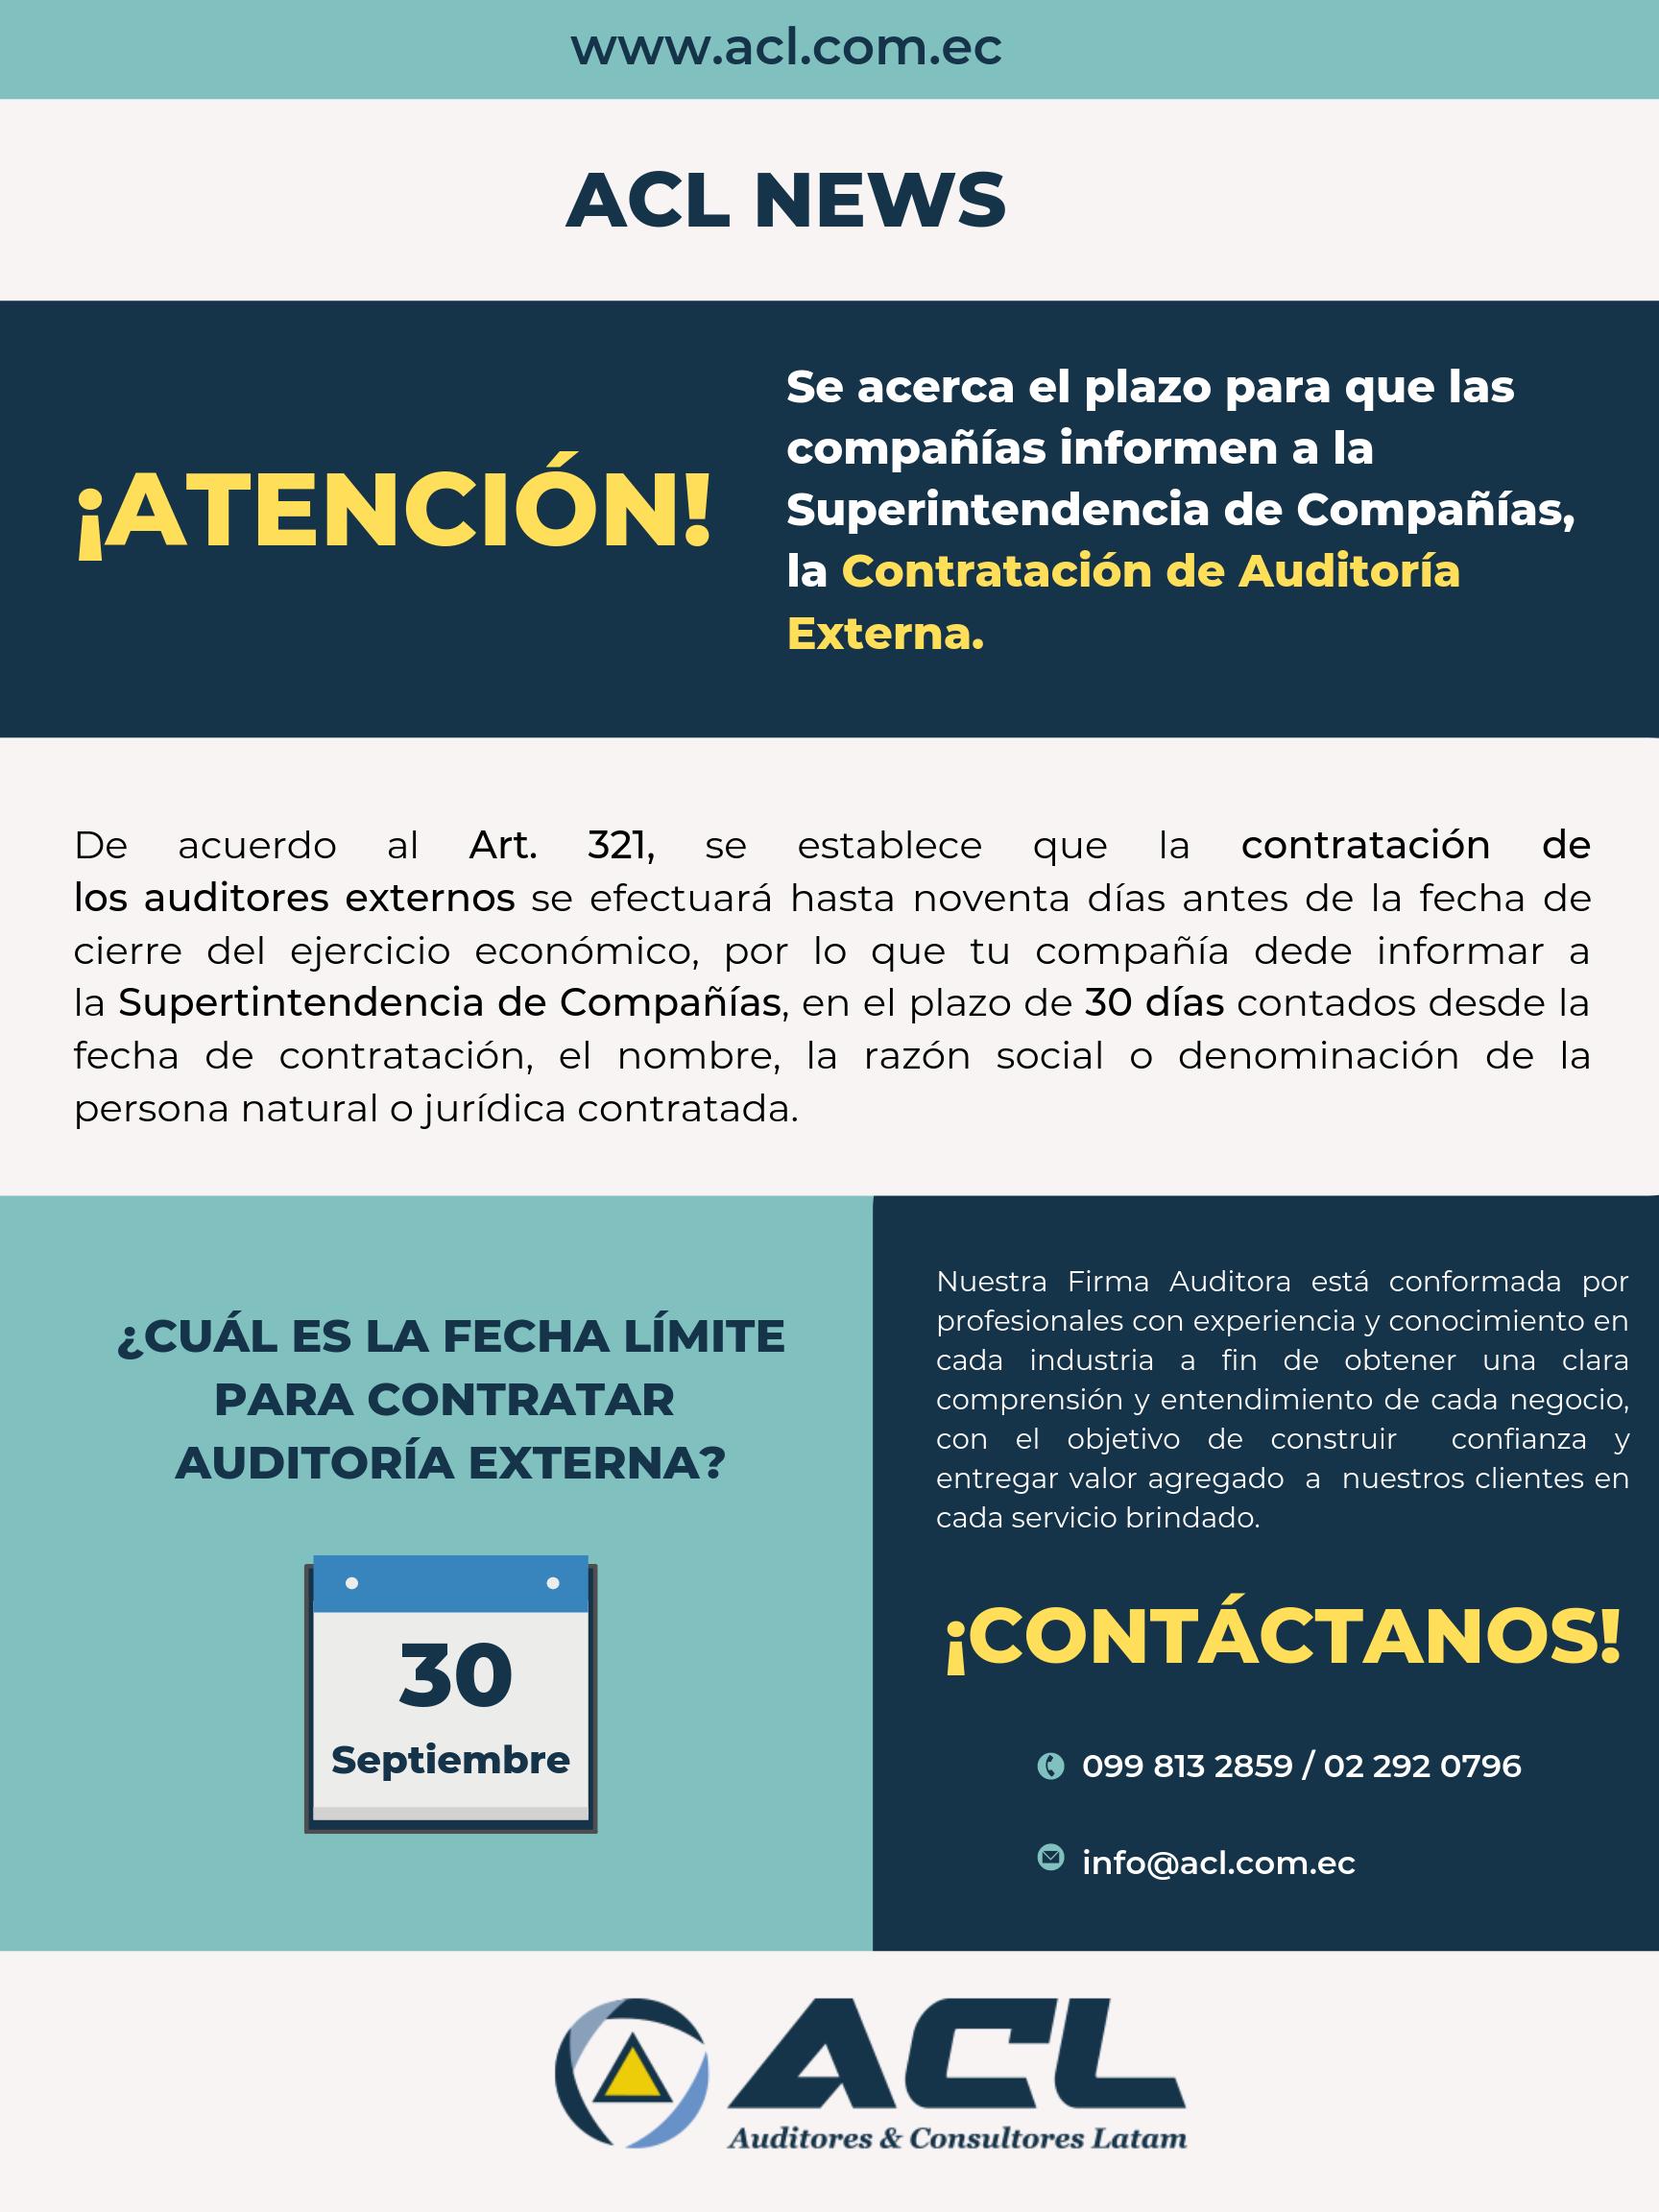 SE ACERCA EL PLAZO PARA QUE LAS COMPAÑÍAS INFORMEN A LA SUPERINTENDENCIA DE COMPAÑÍAS, LA CONTRATACIÓN DE AUDITORÍA EXTERNA. (1)